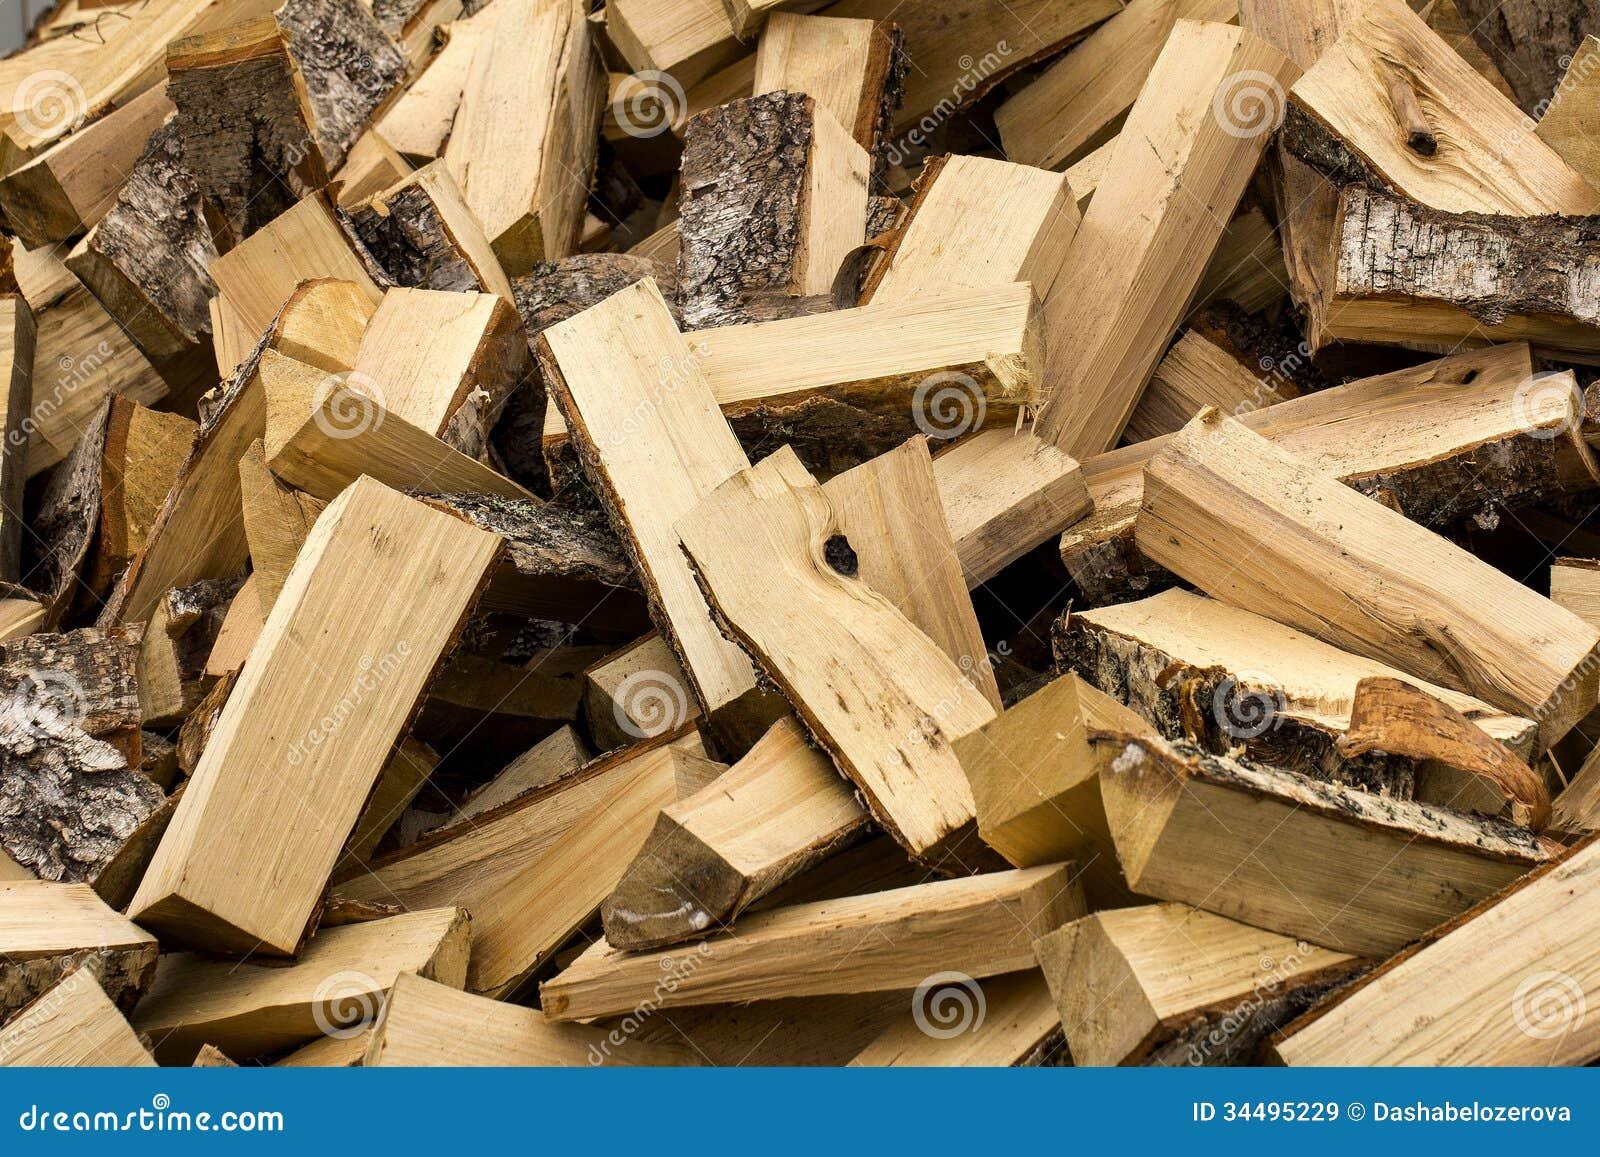 Tas de bois de chauffage images libres de droits image for Bois de chauffage 66